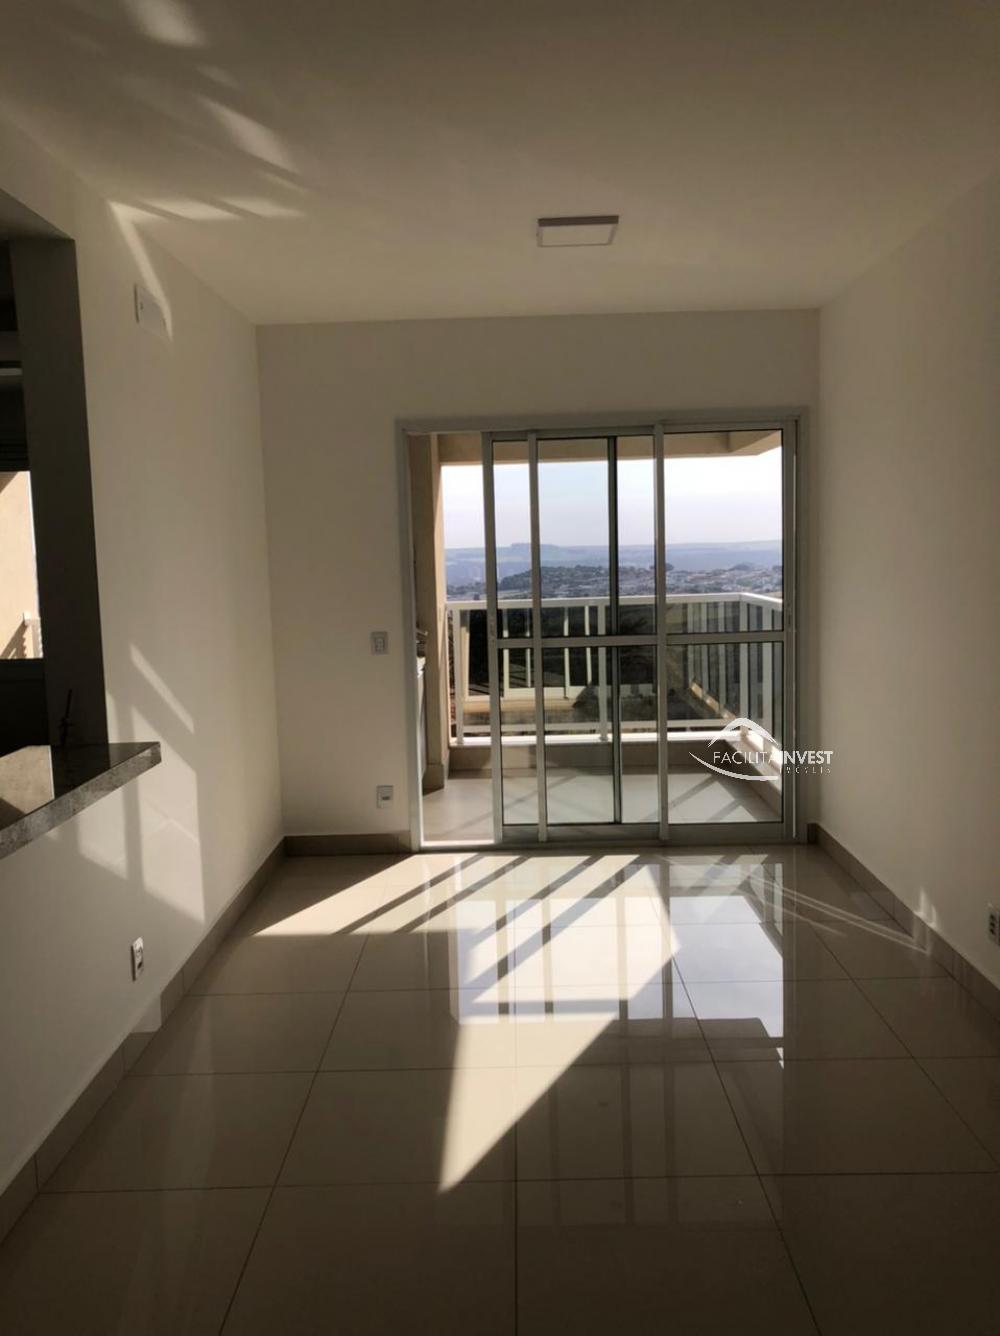 Alugar Apartamentos / Apart. Padrão em Ribeirão Preto R$ 3.200,00 - Foto 2